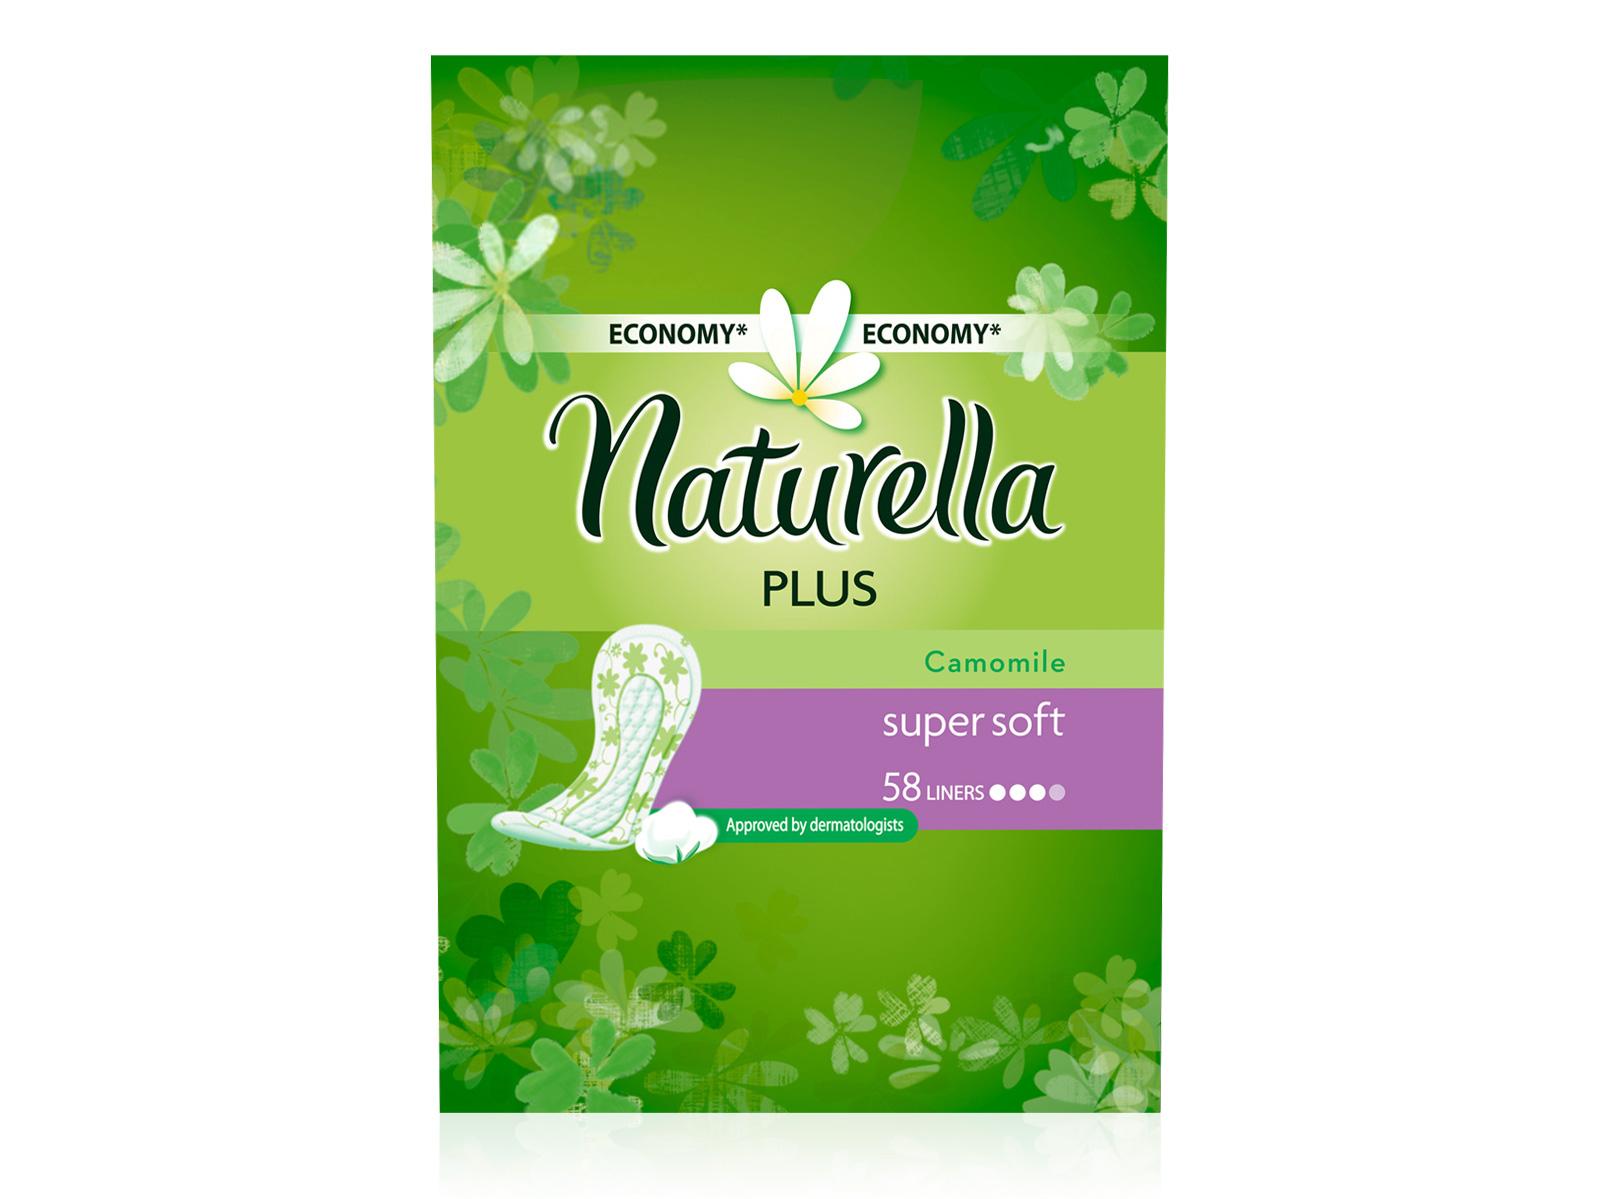 Naturella Женские гигиенические прокладки на каждый день Camomile Plus Trio 58штNT-83730614Сохраните свежесть и защиту на целый день с ежедневными гигиеническими прокладками Naturella Plus. Эти воздухопроницаемые ежедневные прокладки толщиной 1,7 мм с мягким, как лепесток, верхним слоем и легким ароматом, вдохновленным самой природой, обеспечивают свежесть и комфорт каждый день.Одобренные дерматологическим институтом proDERM ежедневные прокладки Naturella каждый день обеспечивают заботу о женской гигиене, которой можно доверять. Ежедневные гигиенические прокладки Naturella одобрены дерматологическим институтом proDERM и обеспечивают надежный ежедневный гигиенический уход. Ежедневные прокладки Naturella отлично защищают нижнее белье при выделениях из влагалища, нерегулярном цикле и выделениях перед менструацией. Во время менструации обязательно воспользуйтесь прокладками Naturella для усиленной защиты. Невероятно мягкий верхний слой обеспечивает дополнительный комфорт в интимной зоне Улучшенная зона впитываемости Являются самыми мягкими и плотными ежедневками в портфеле...